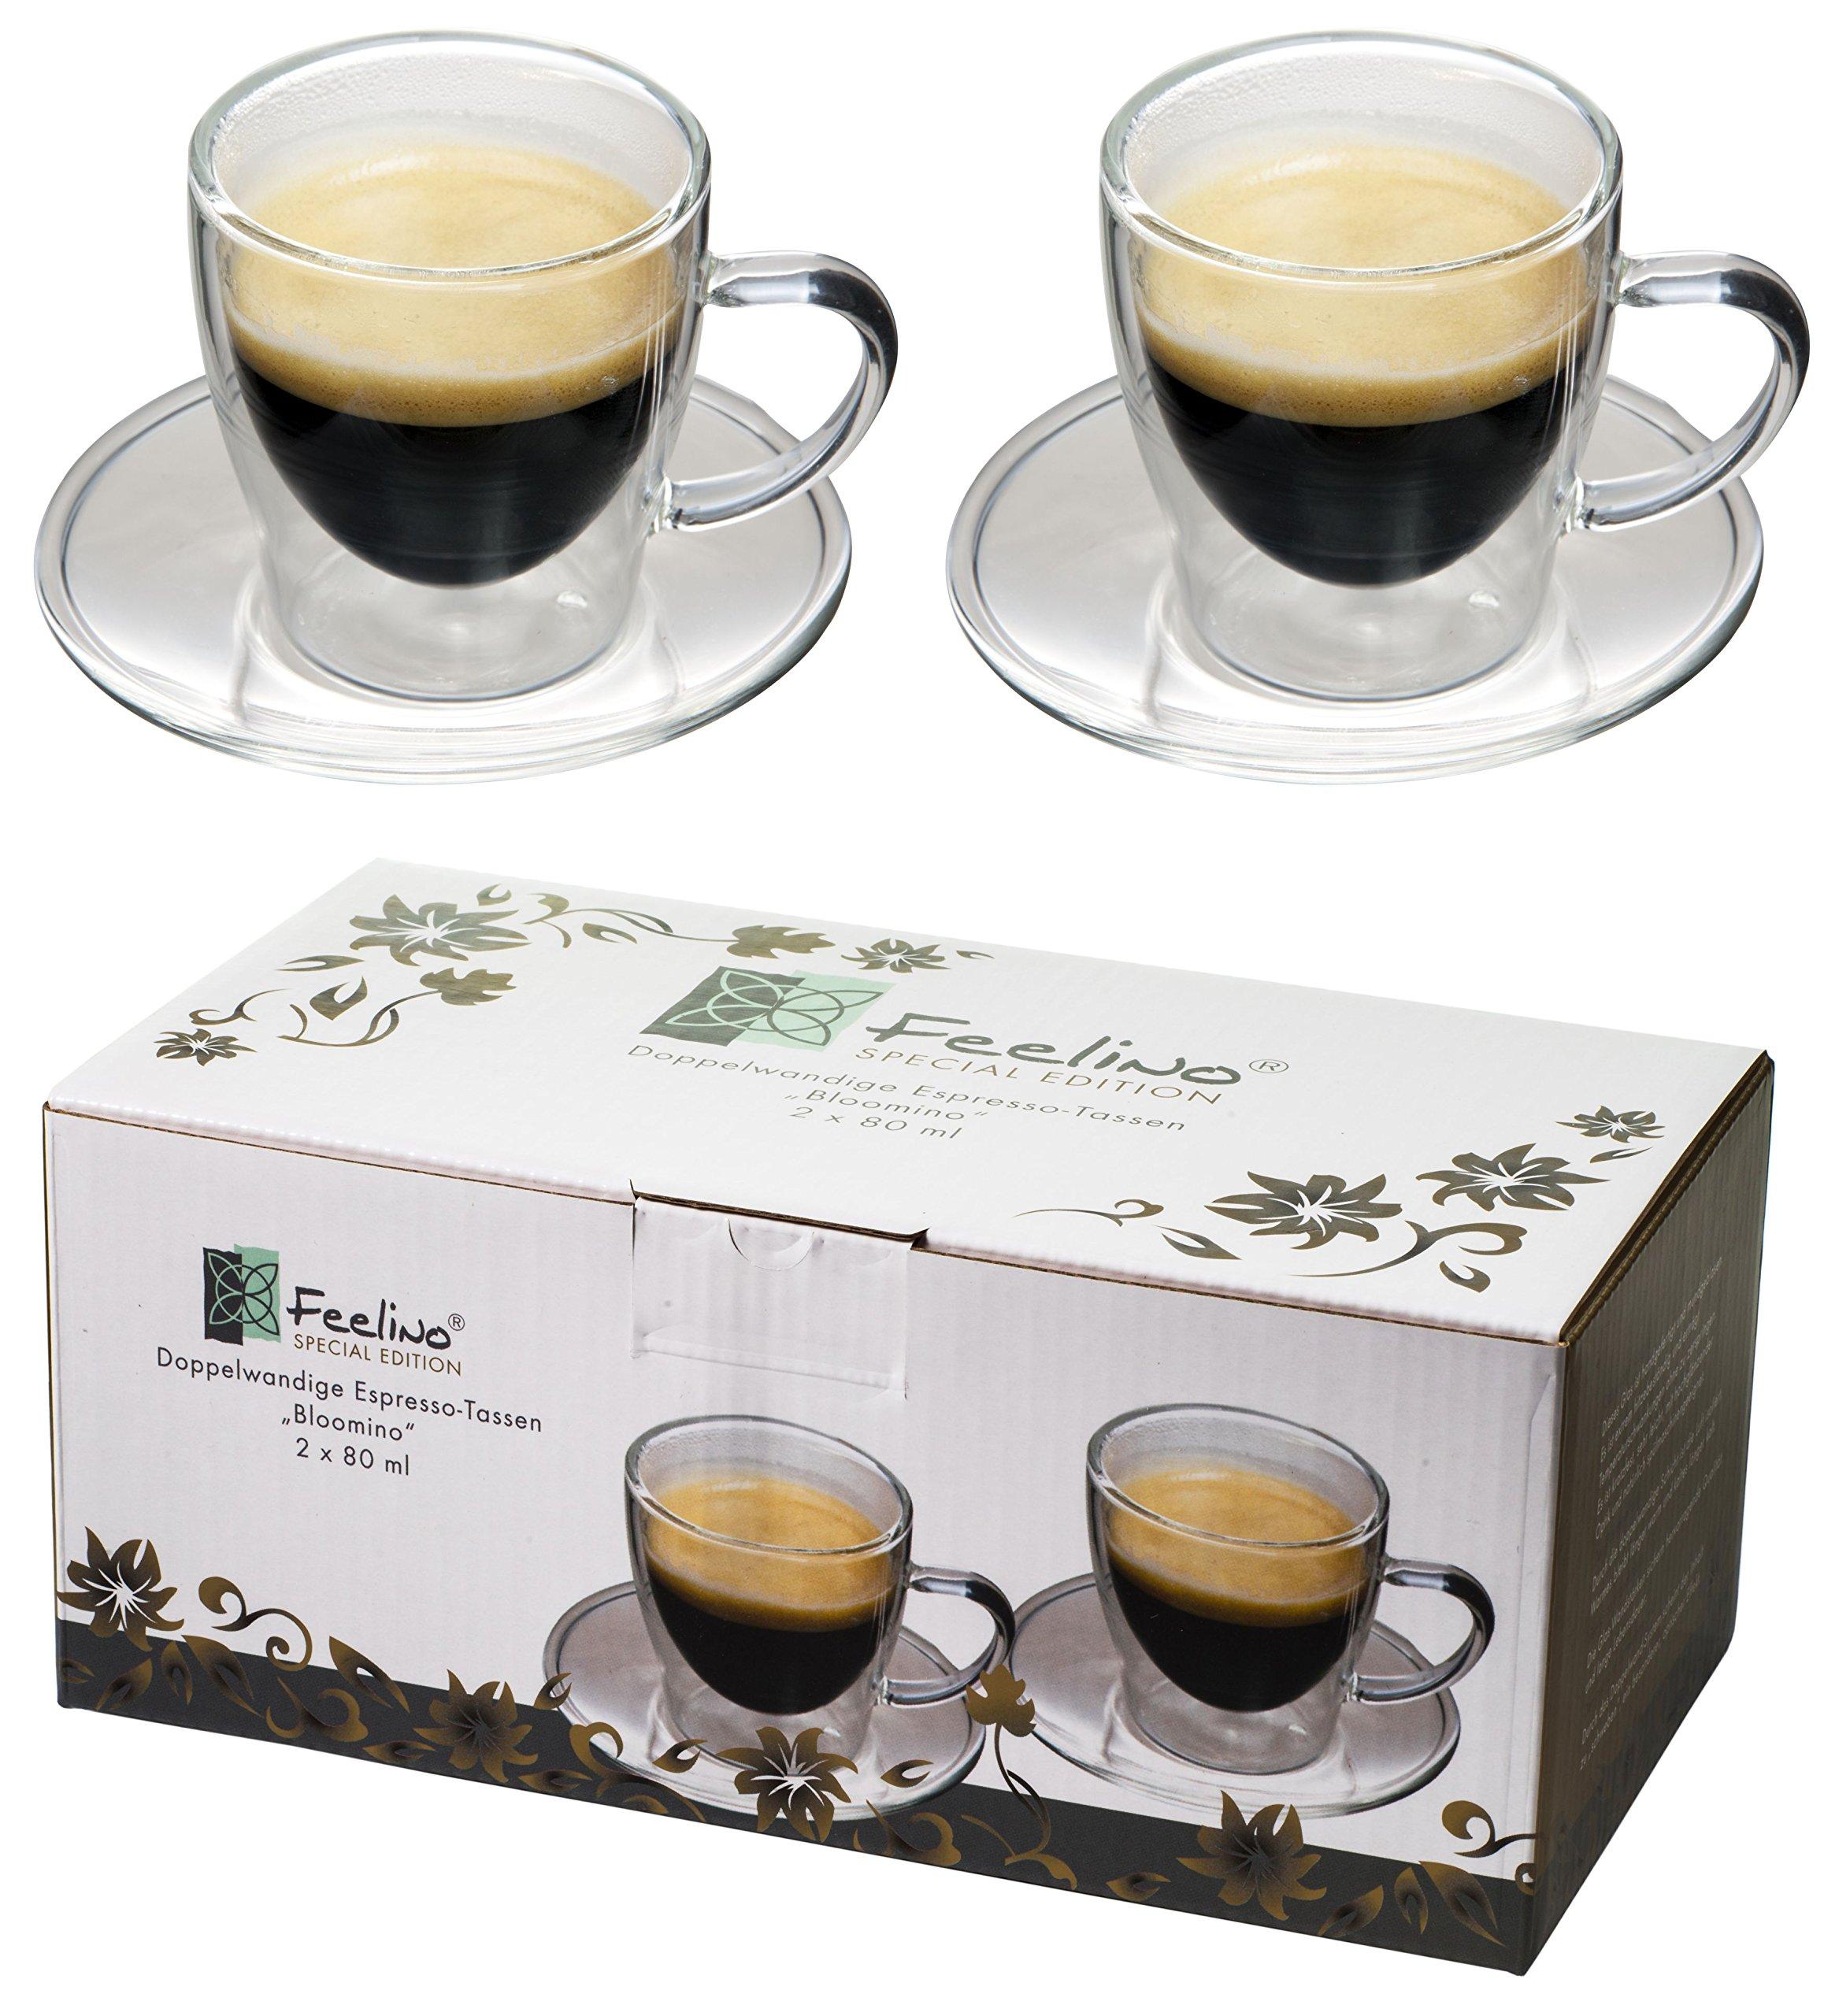 2x 80ml doppelwandige Espresso-Tassen mit Henkel und Untersetzer, modern, zeitloses Design in toller Verpackung, by…